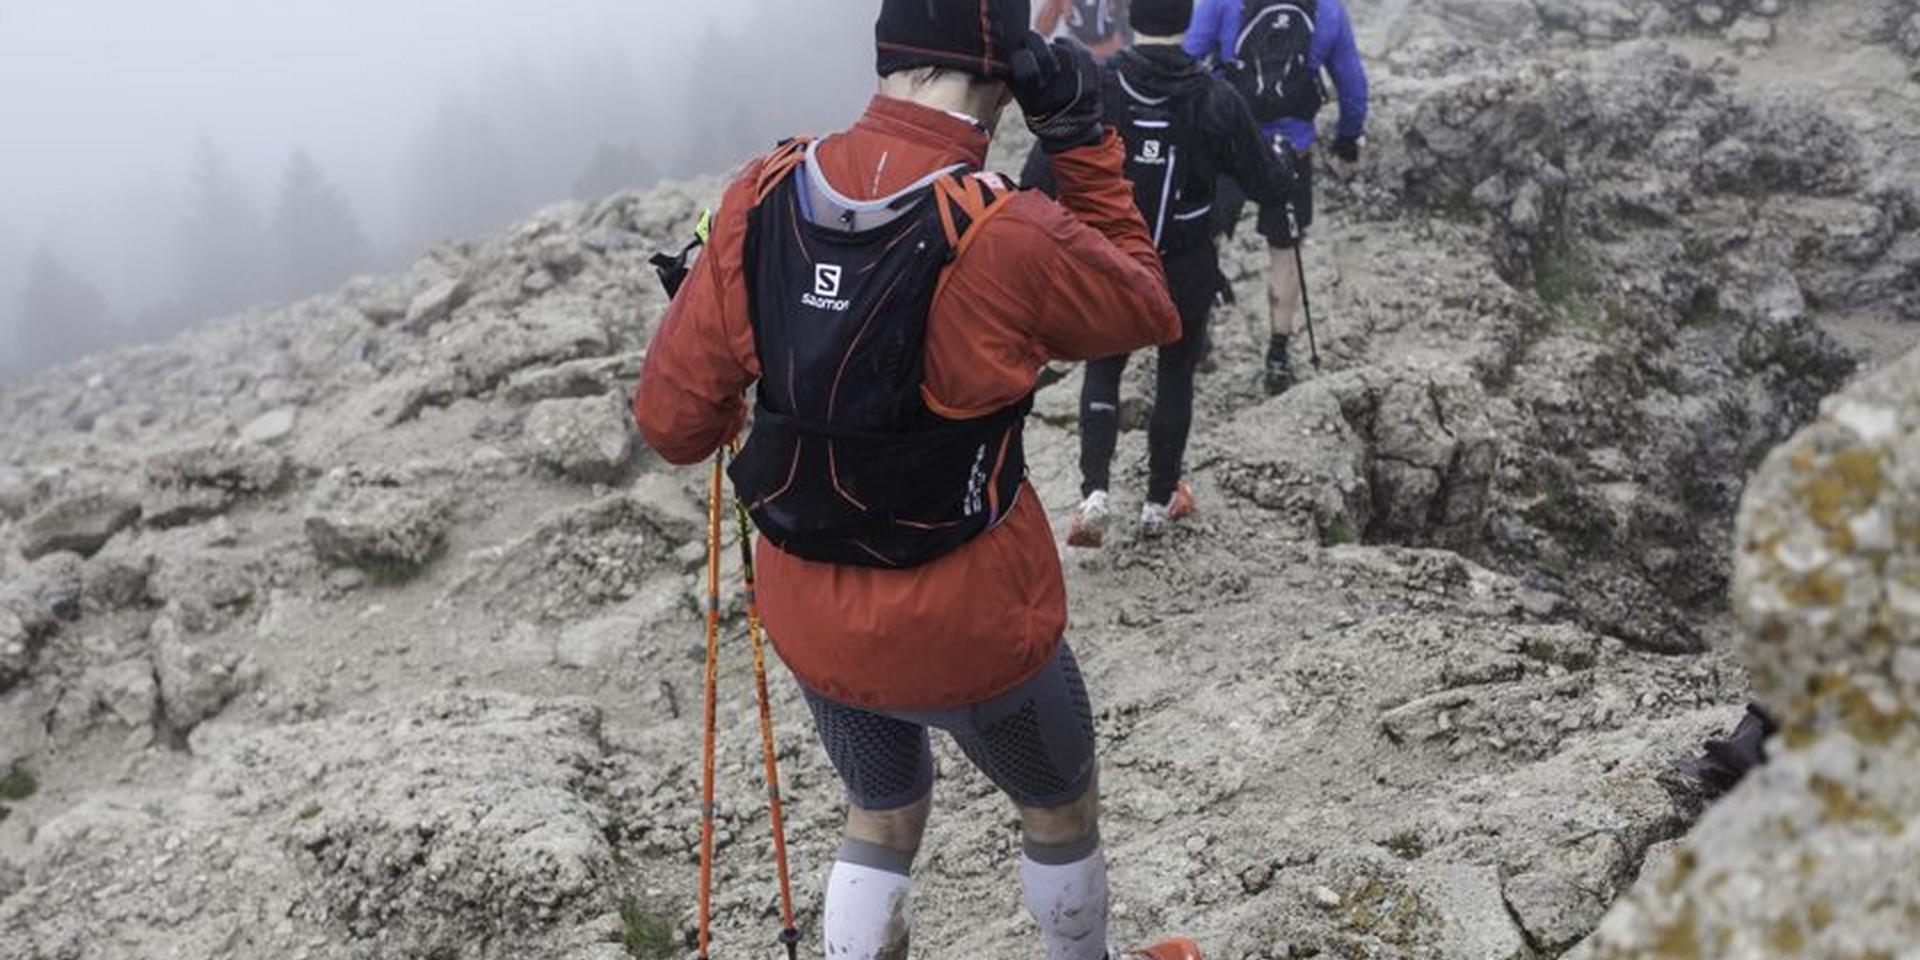 Eine Gruppe Trailrunner läuft im Gebirge